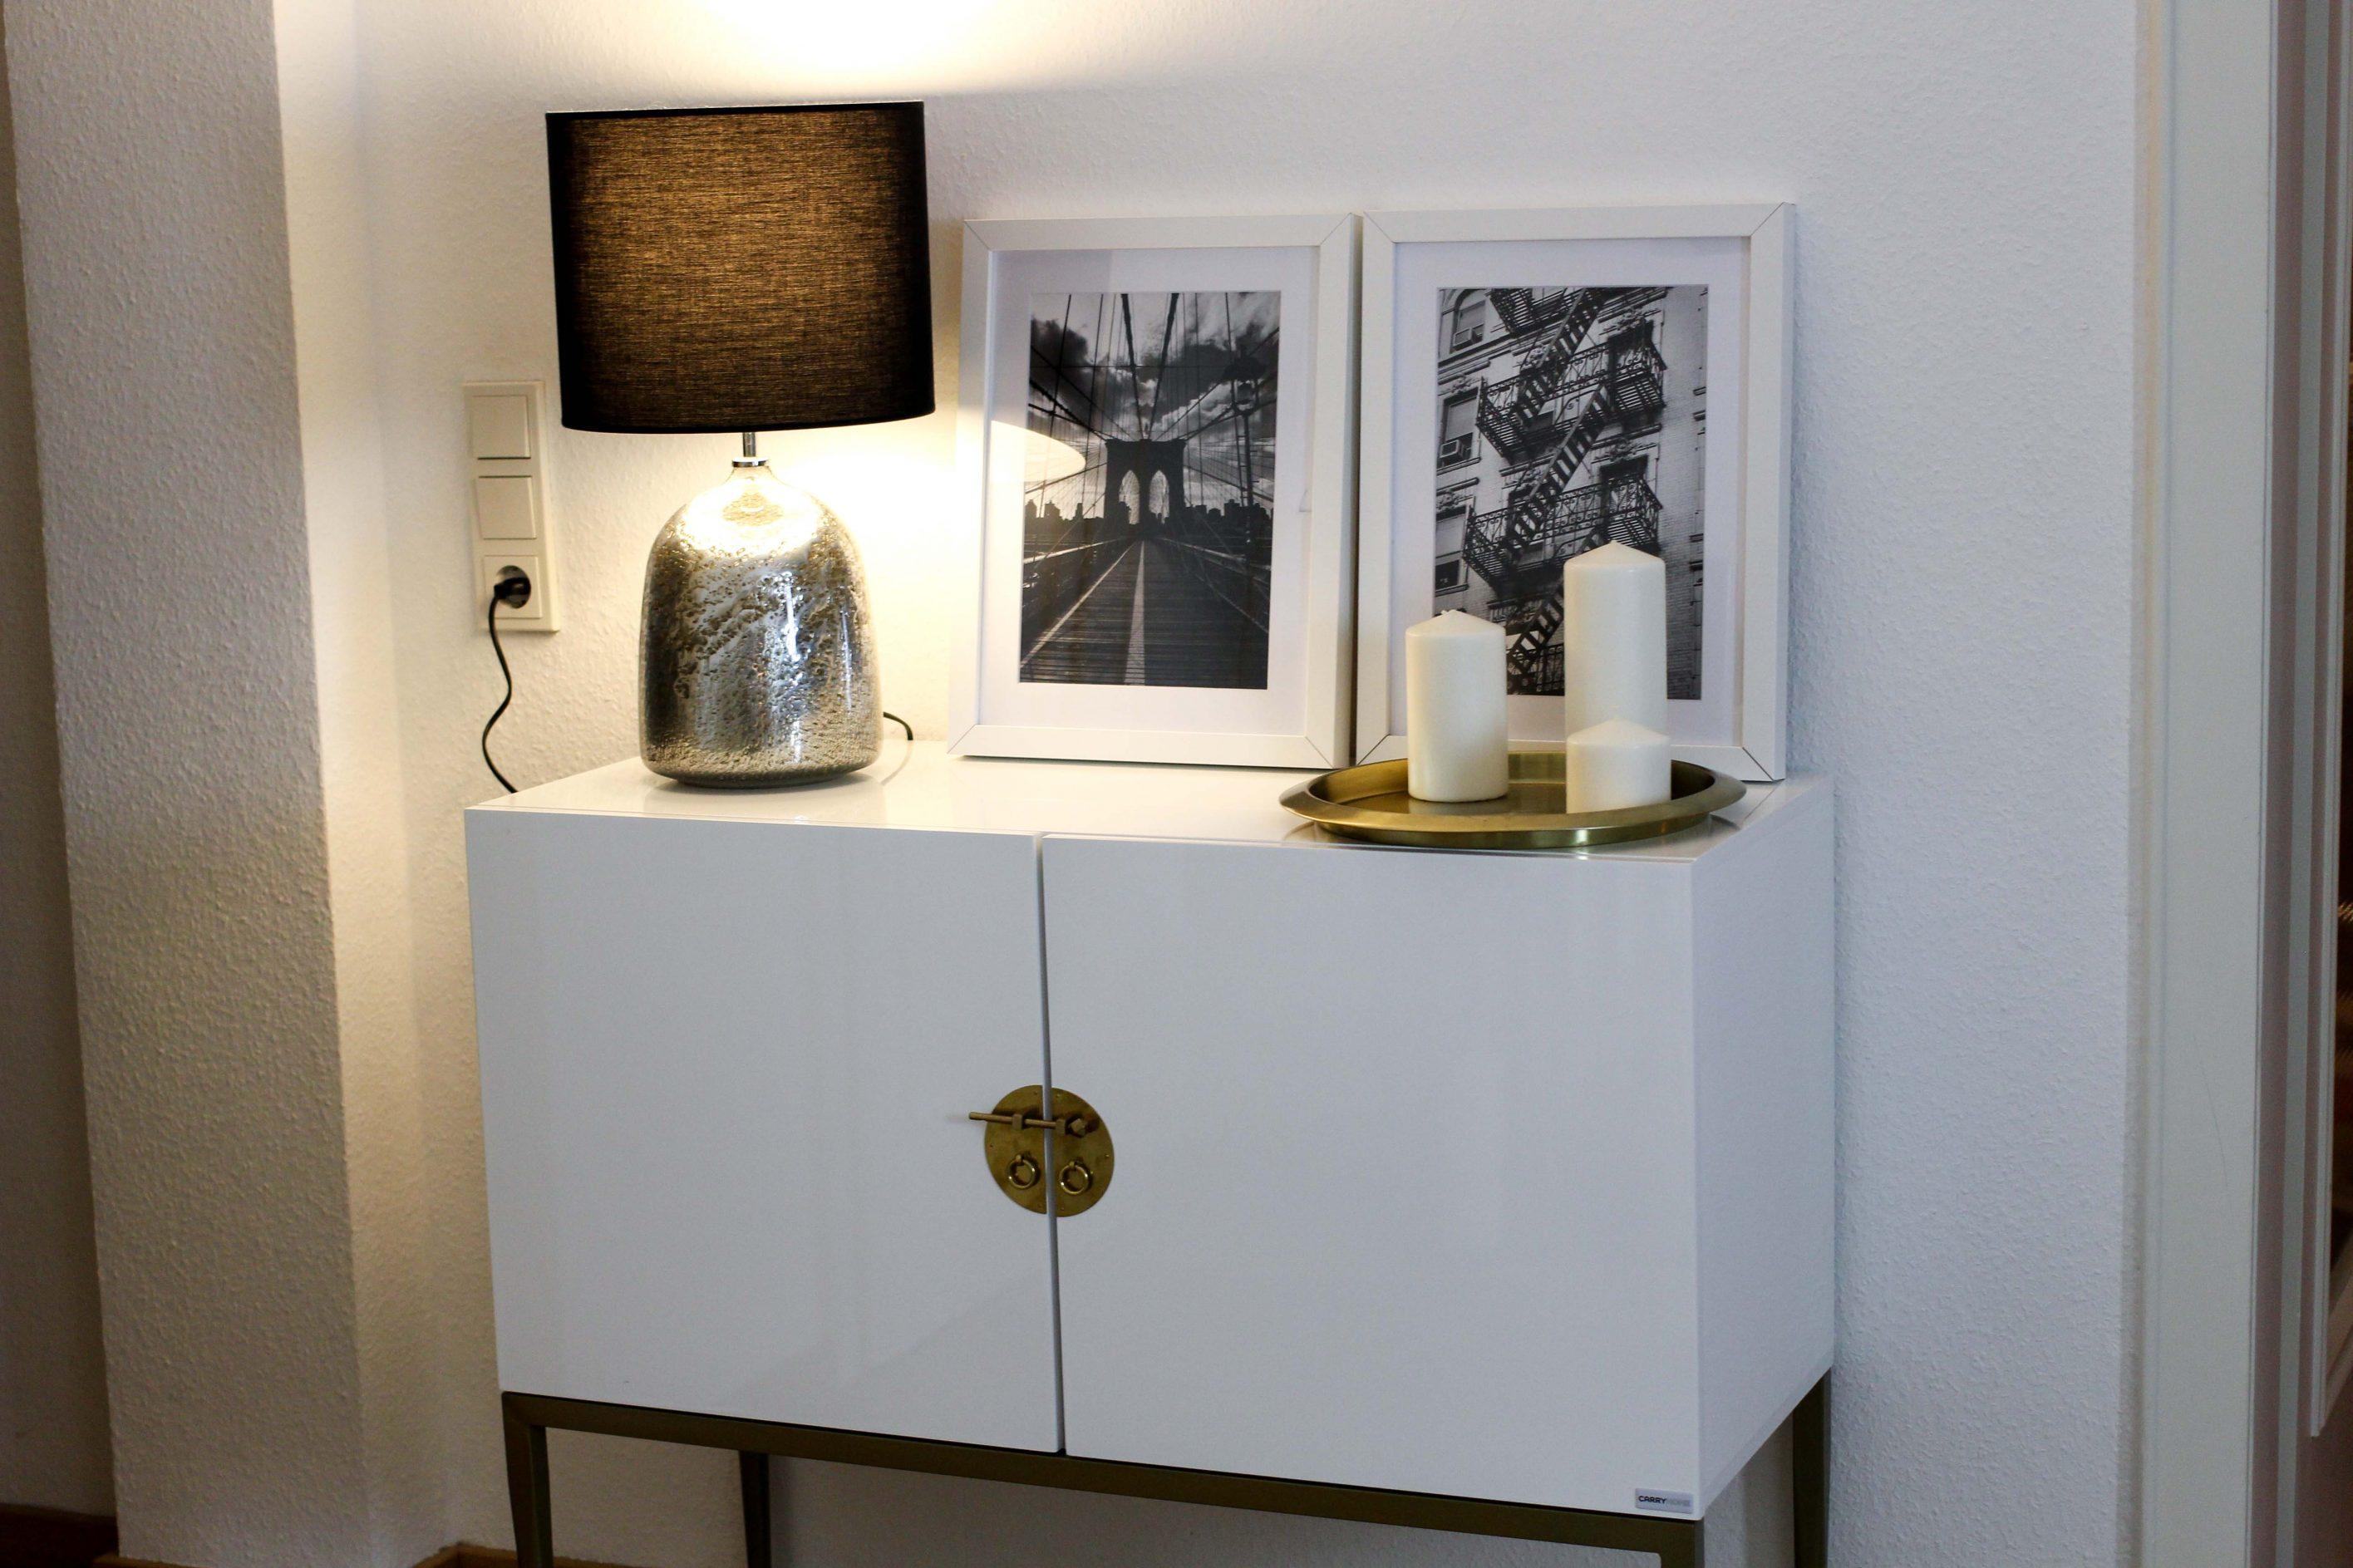 Interior Update Flur Komplett Neu Gestaltet Mit Mobeln Und